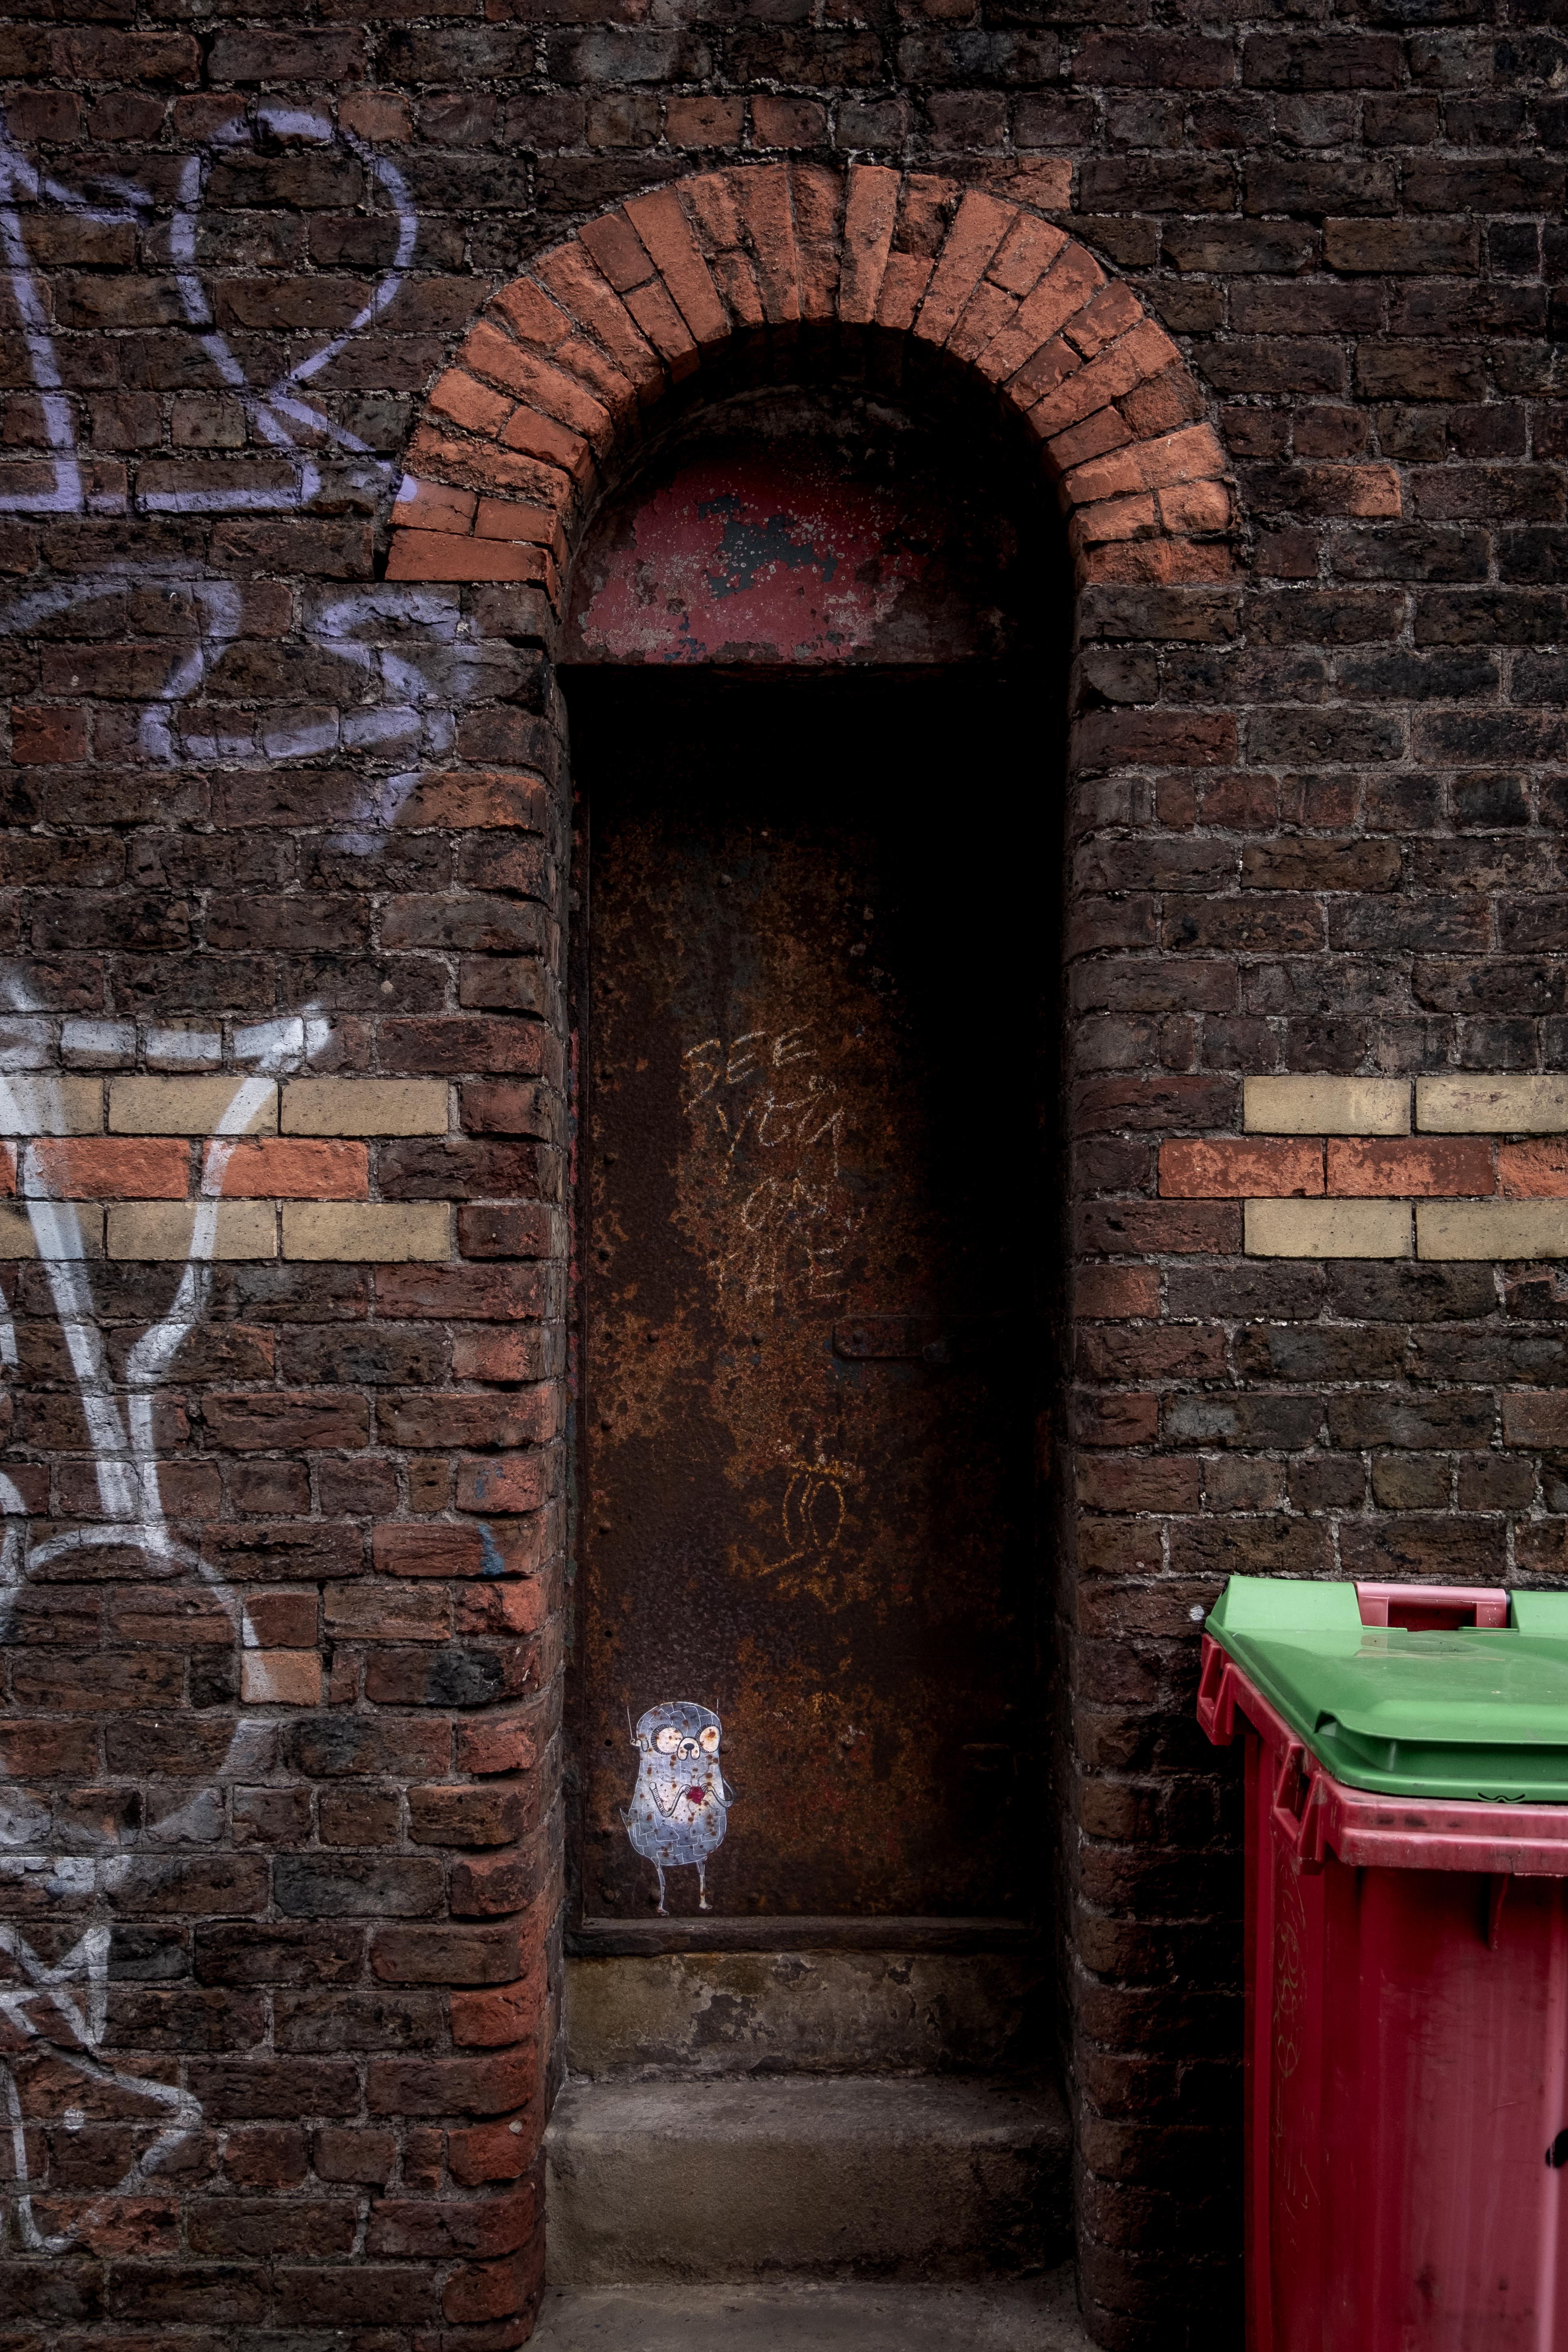 Doorway Critter